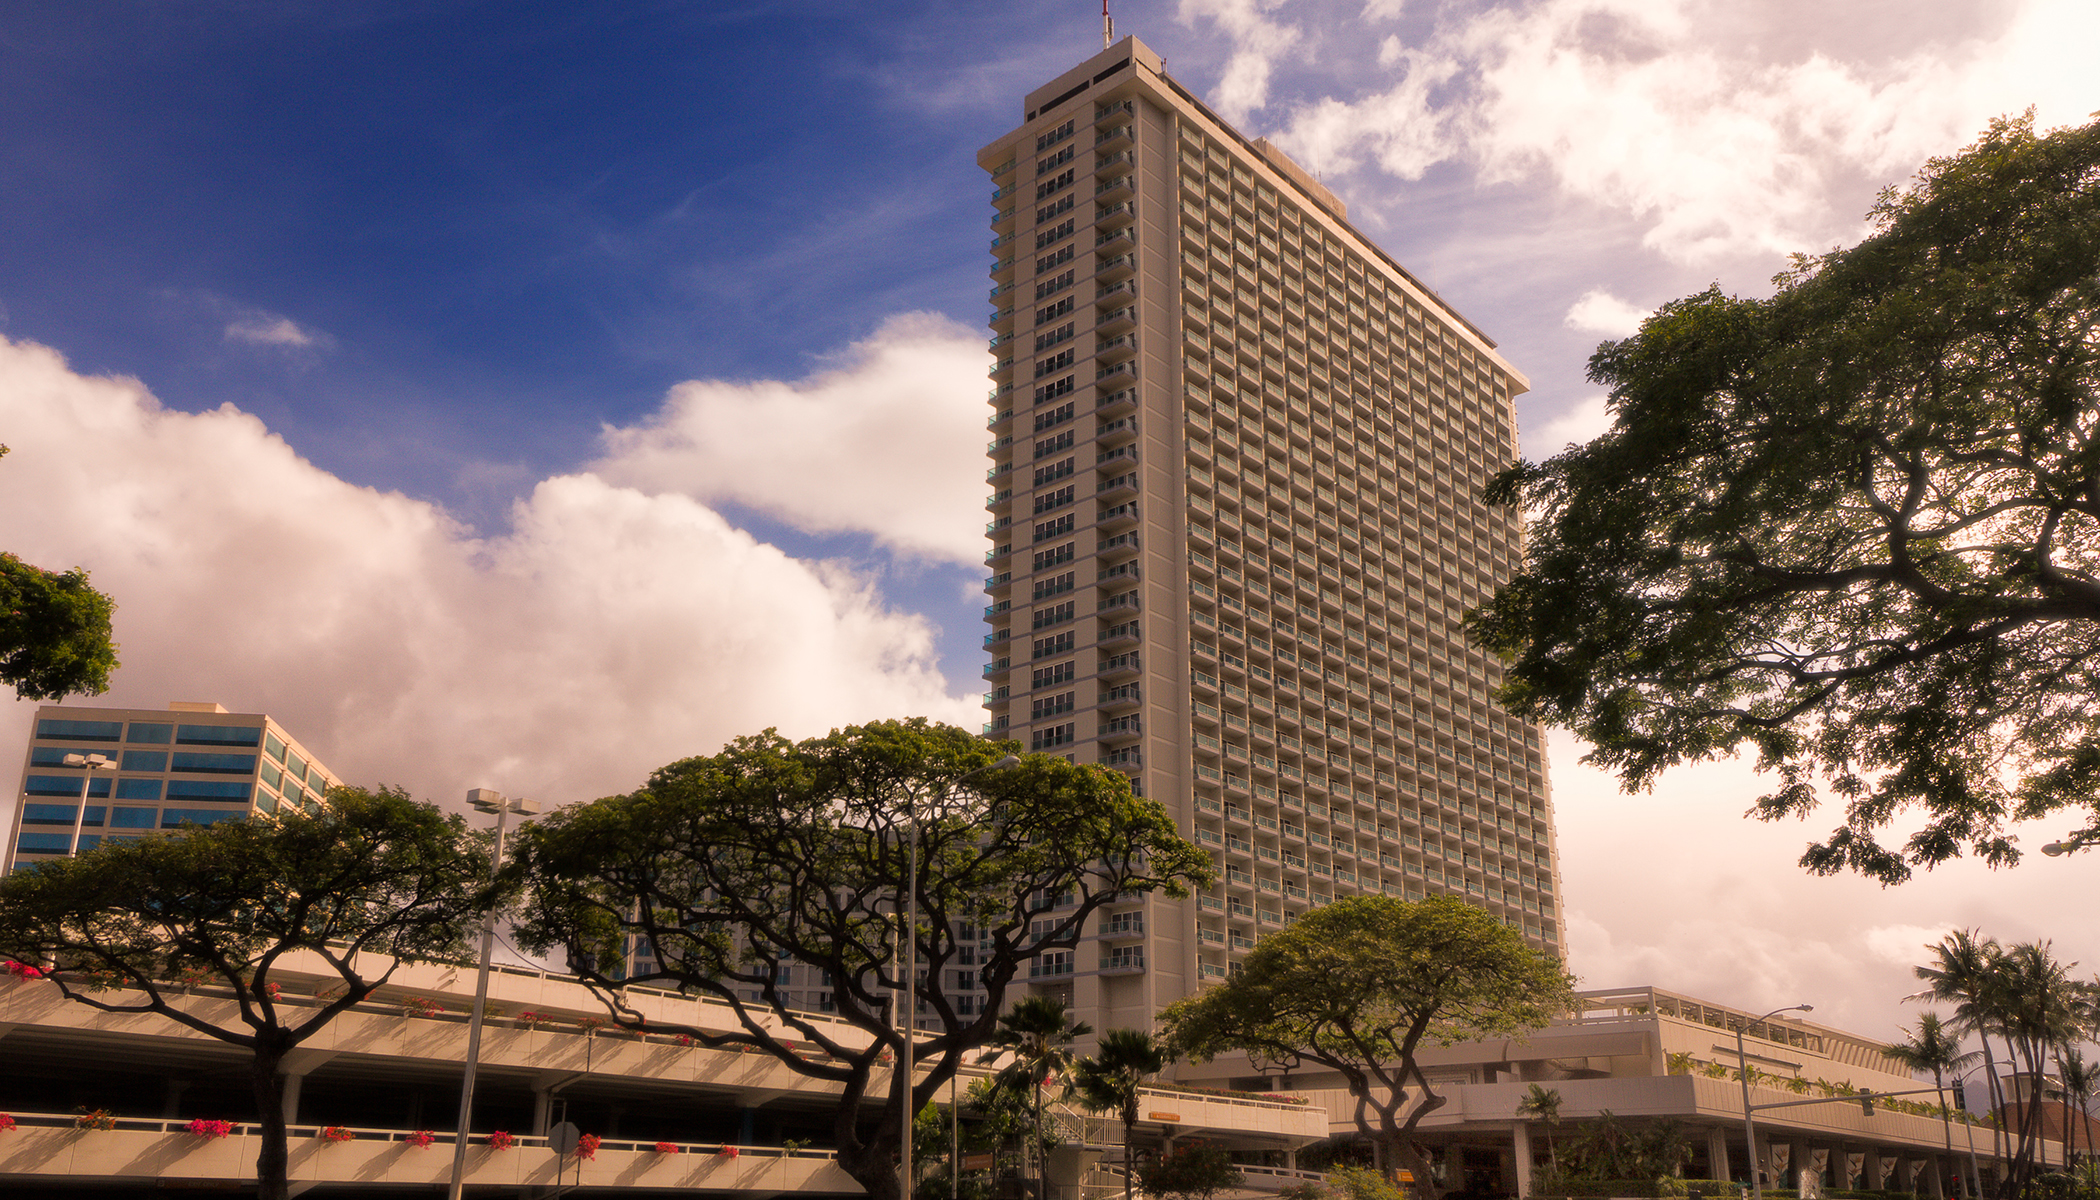 Condominium for Sale at Ala Moana Hotel Condo 410 Atkinson Dr#2224 Honolulu, Hawaii 96814 United States